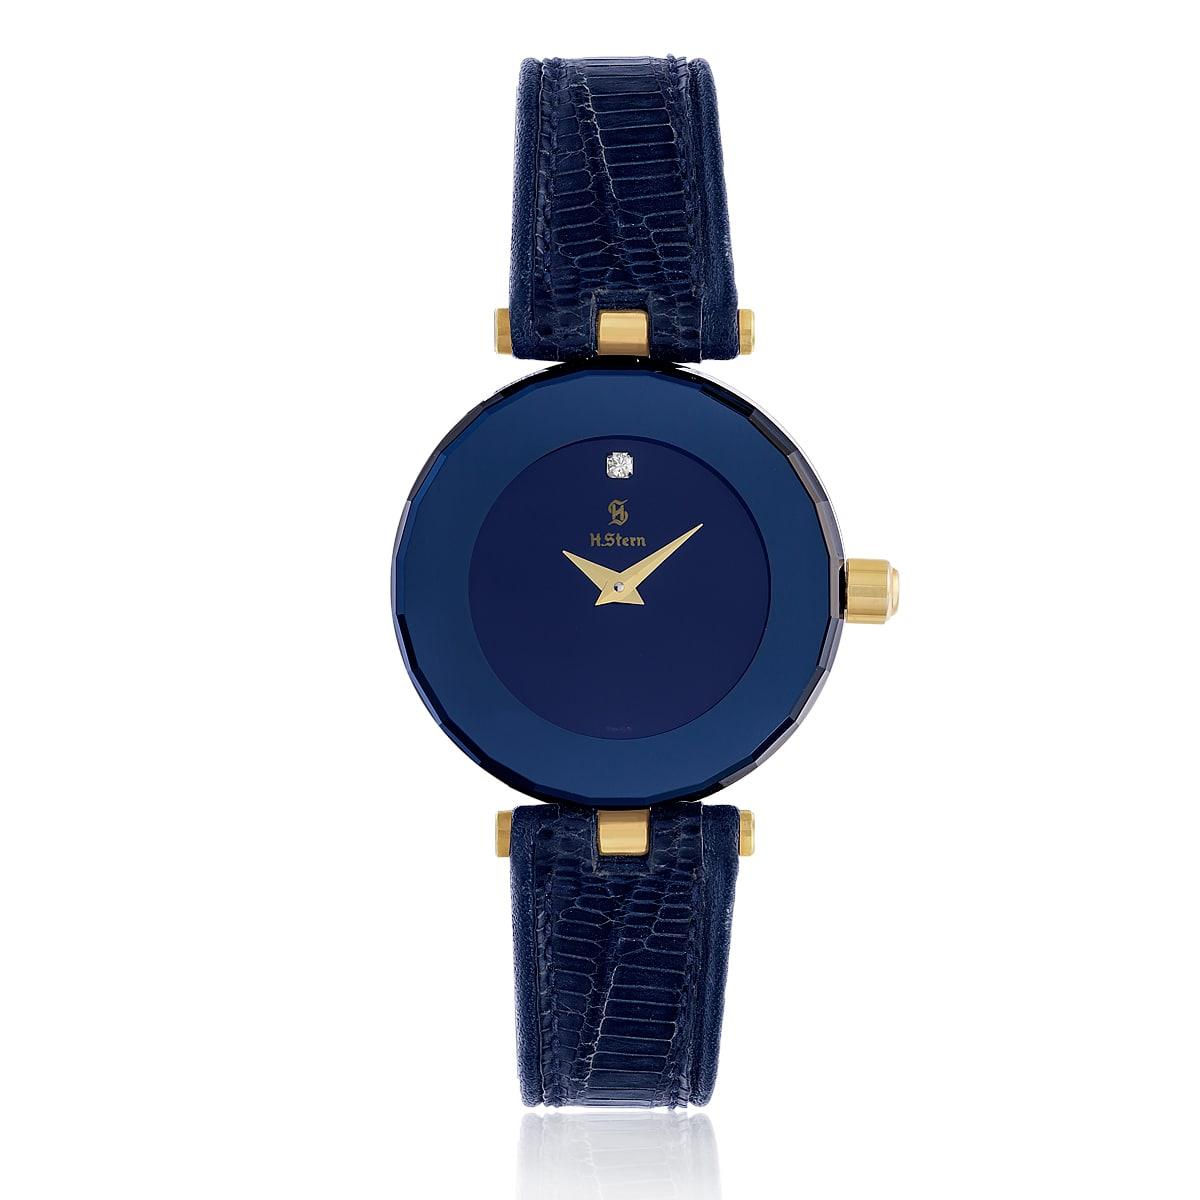 8055f479543 Relógio H. Stern Sapphire